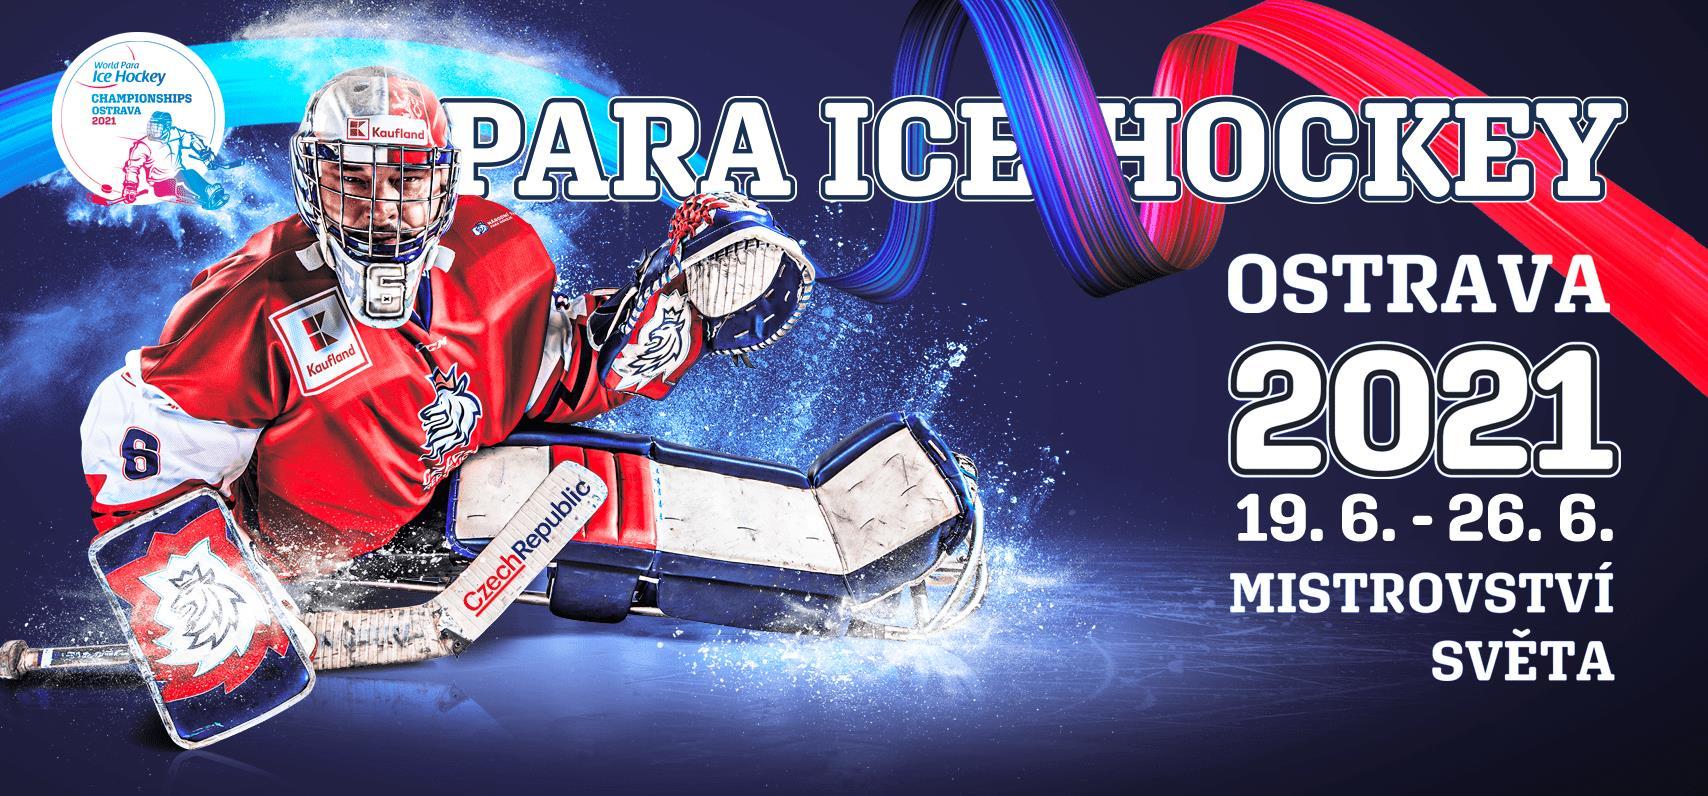 Mistrovství světa v para hokeji Ostrava 2021